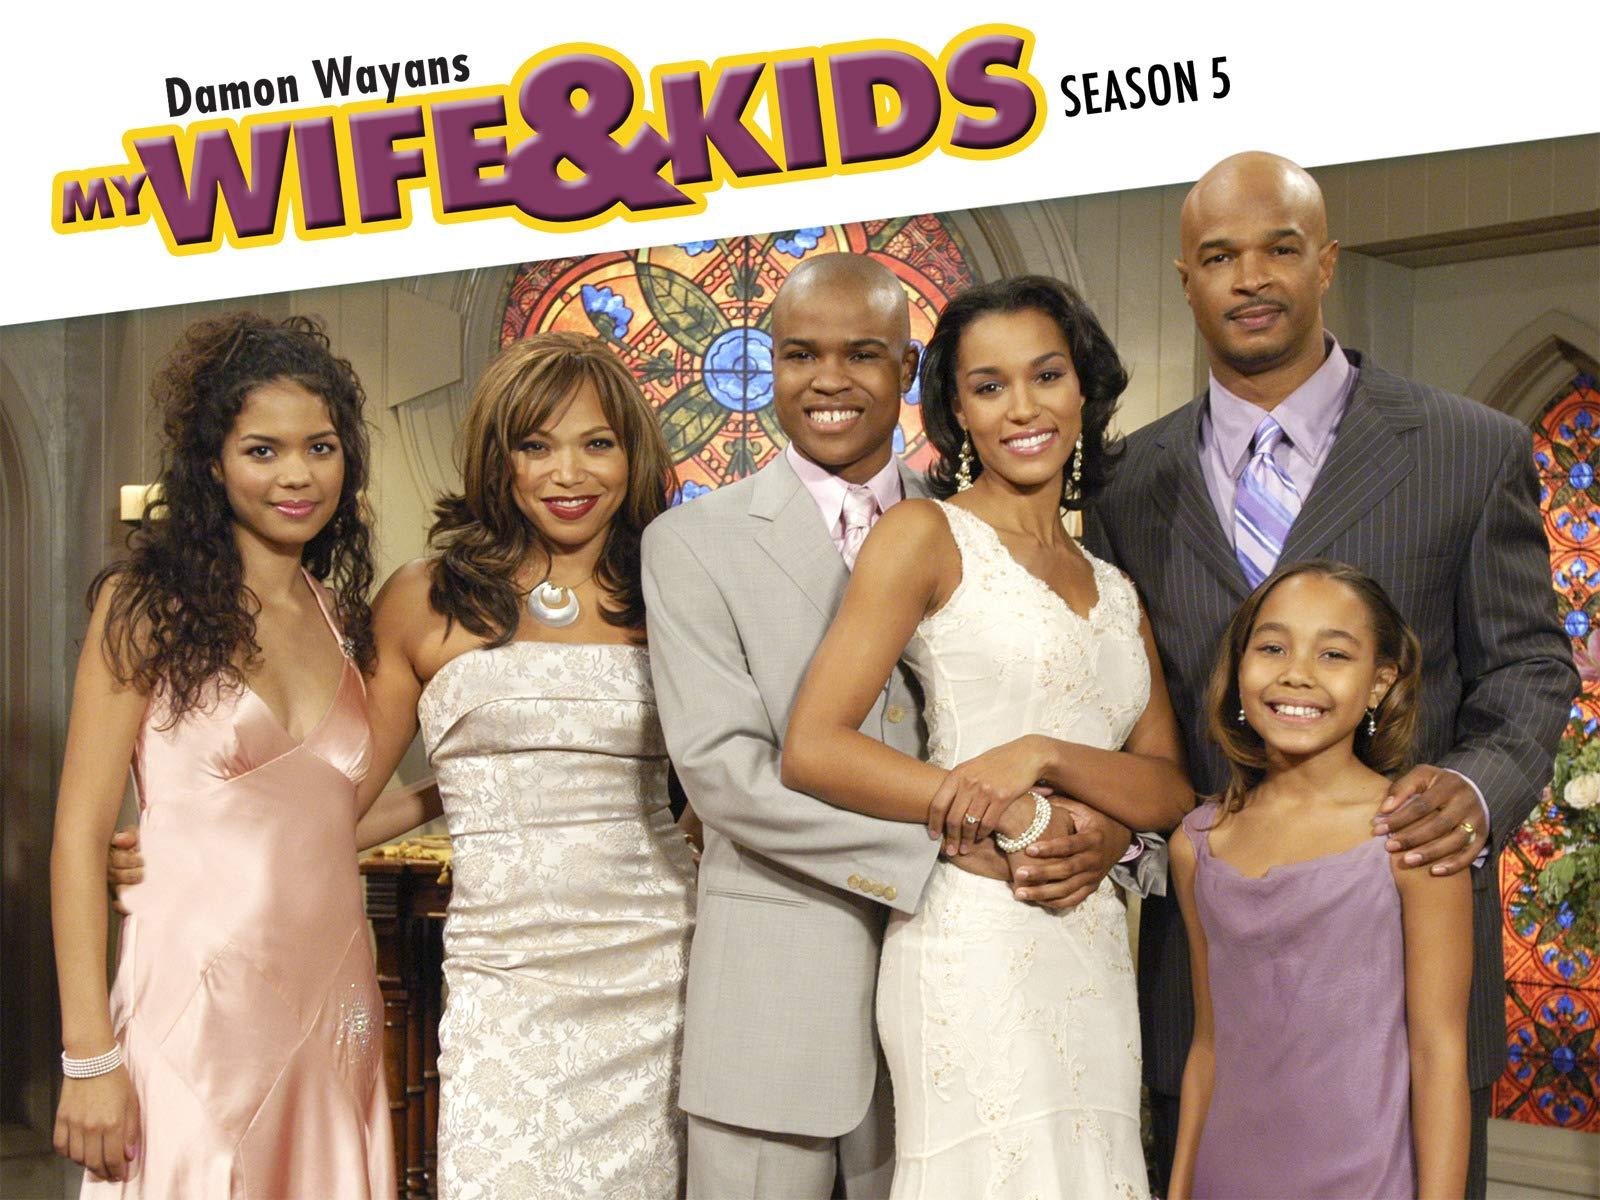 My Wife And Kids - Season 5